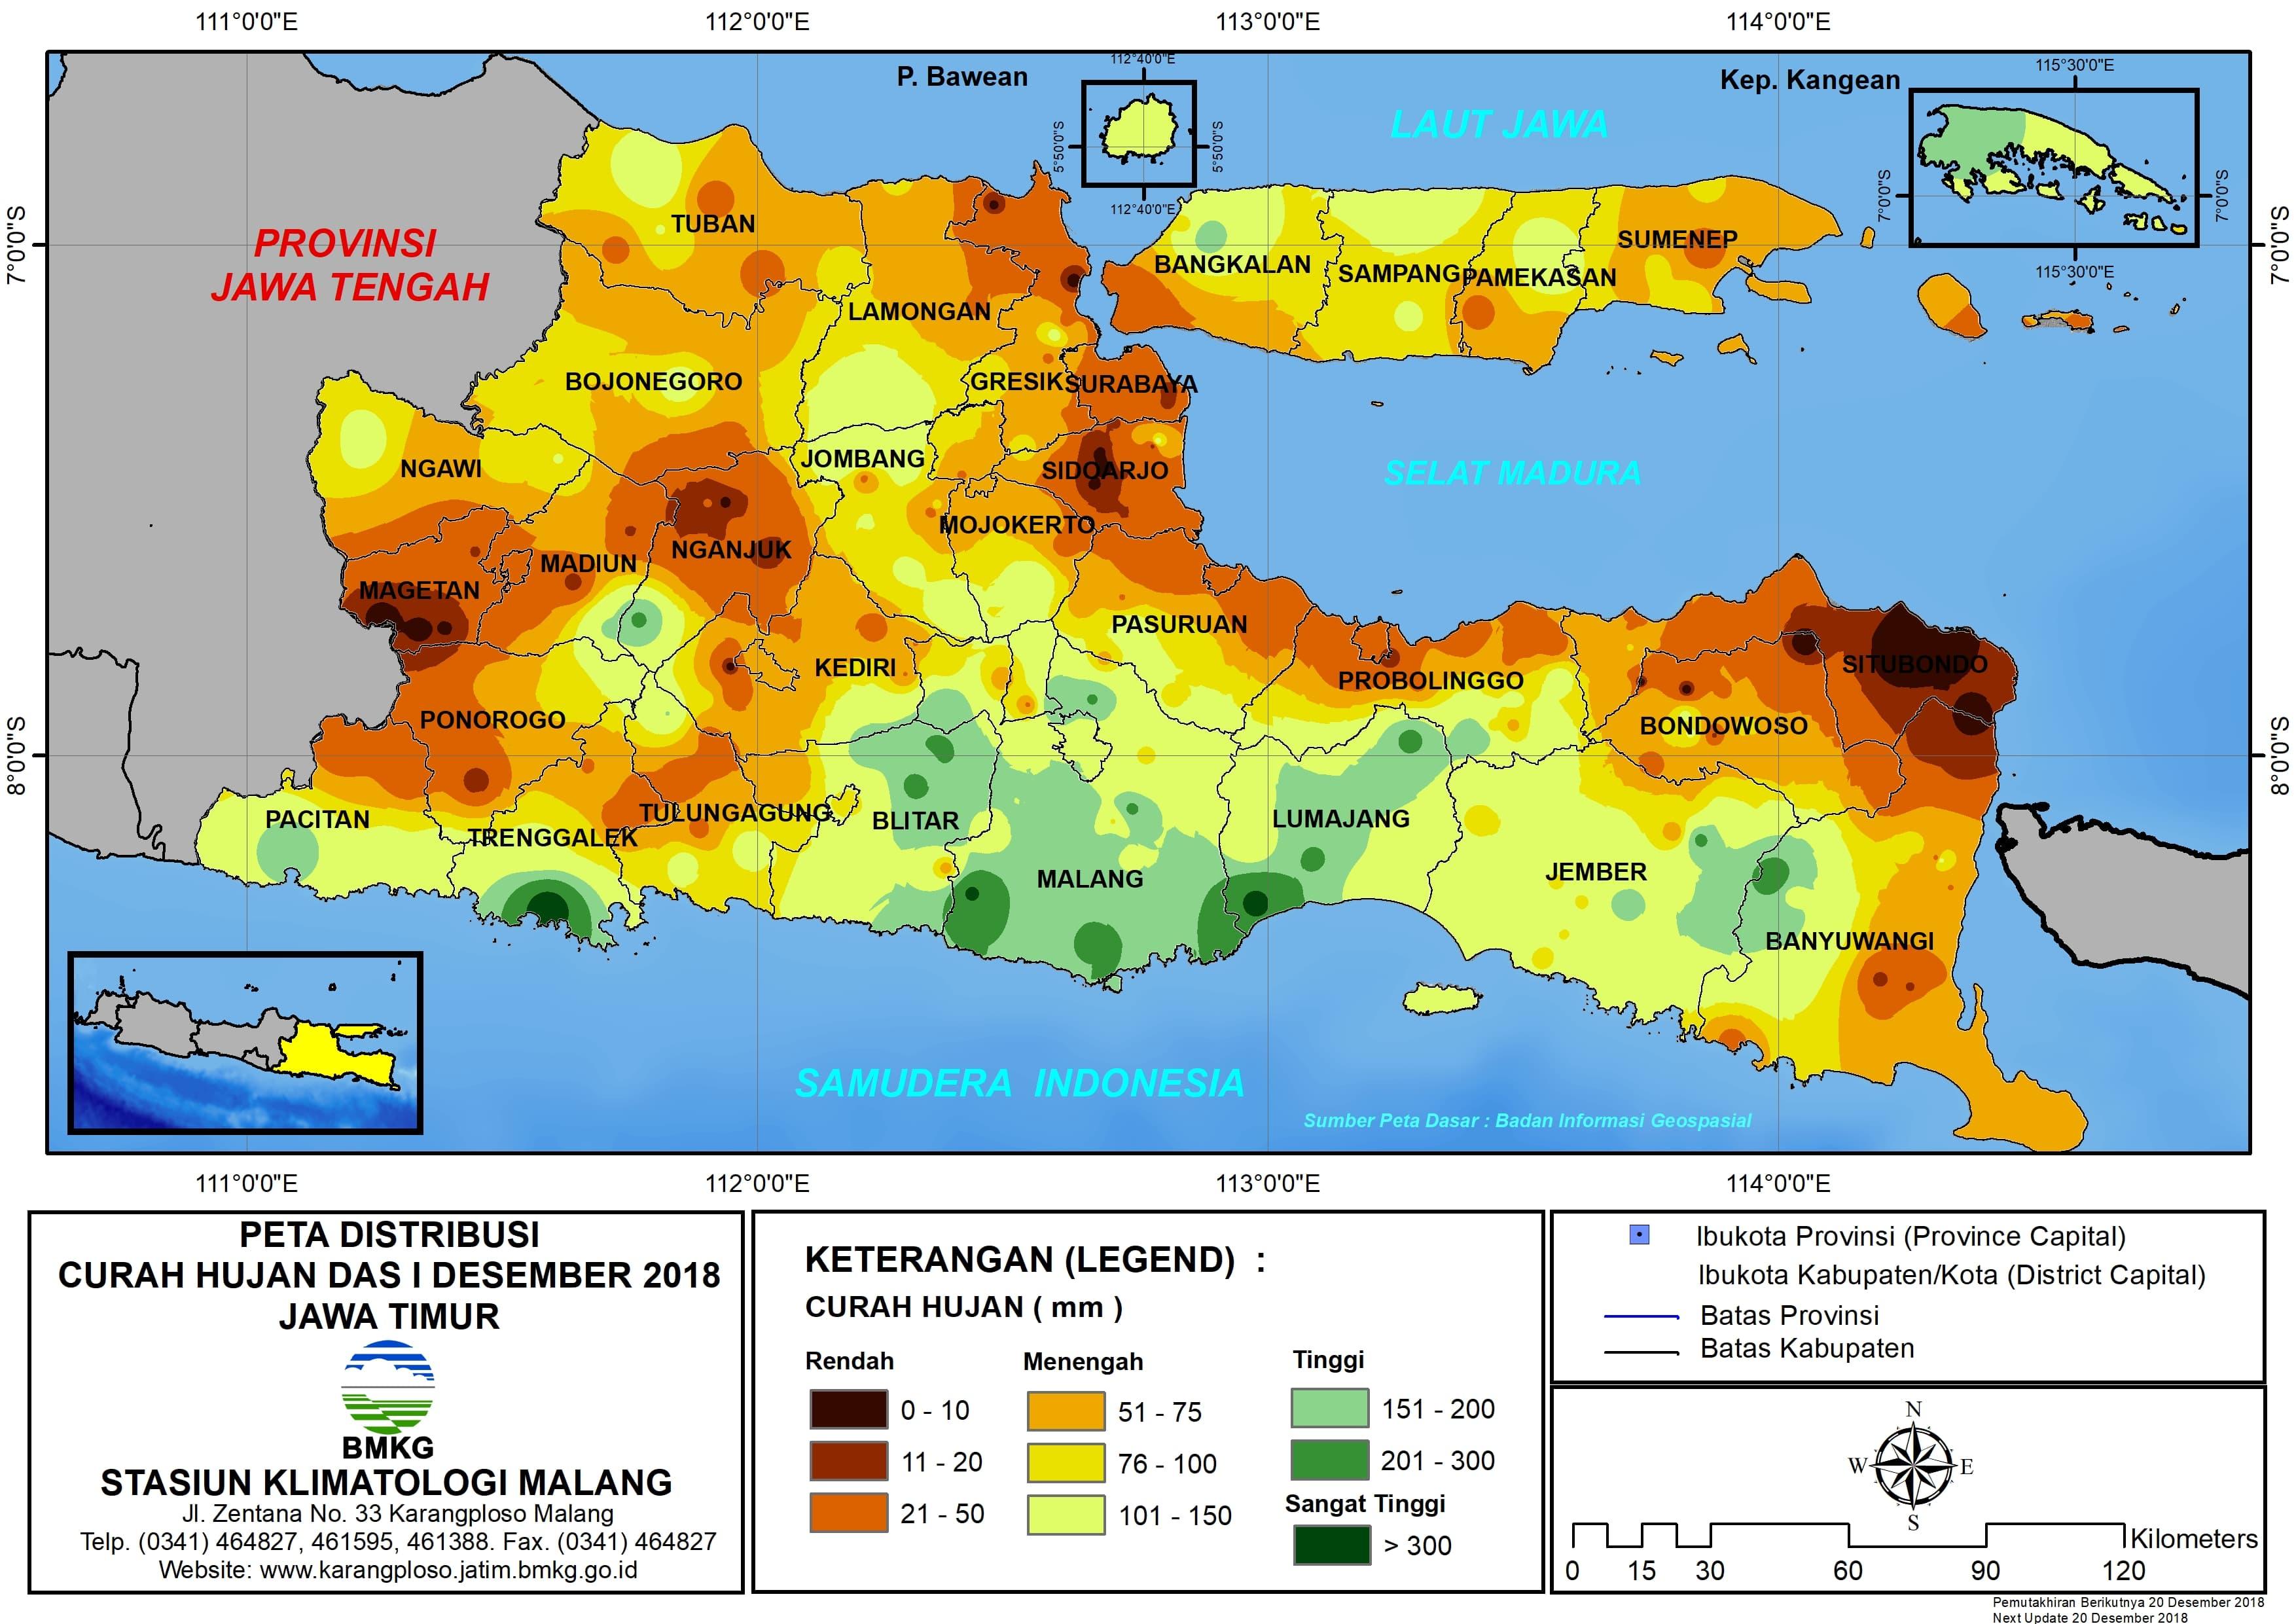 Peta Analisis Distribusi Curah Hujan Dasarian I Desember 2018 di Provinsi Jawa Timur